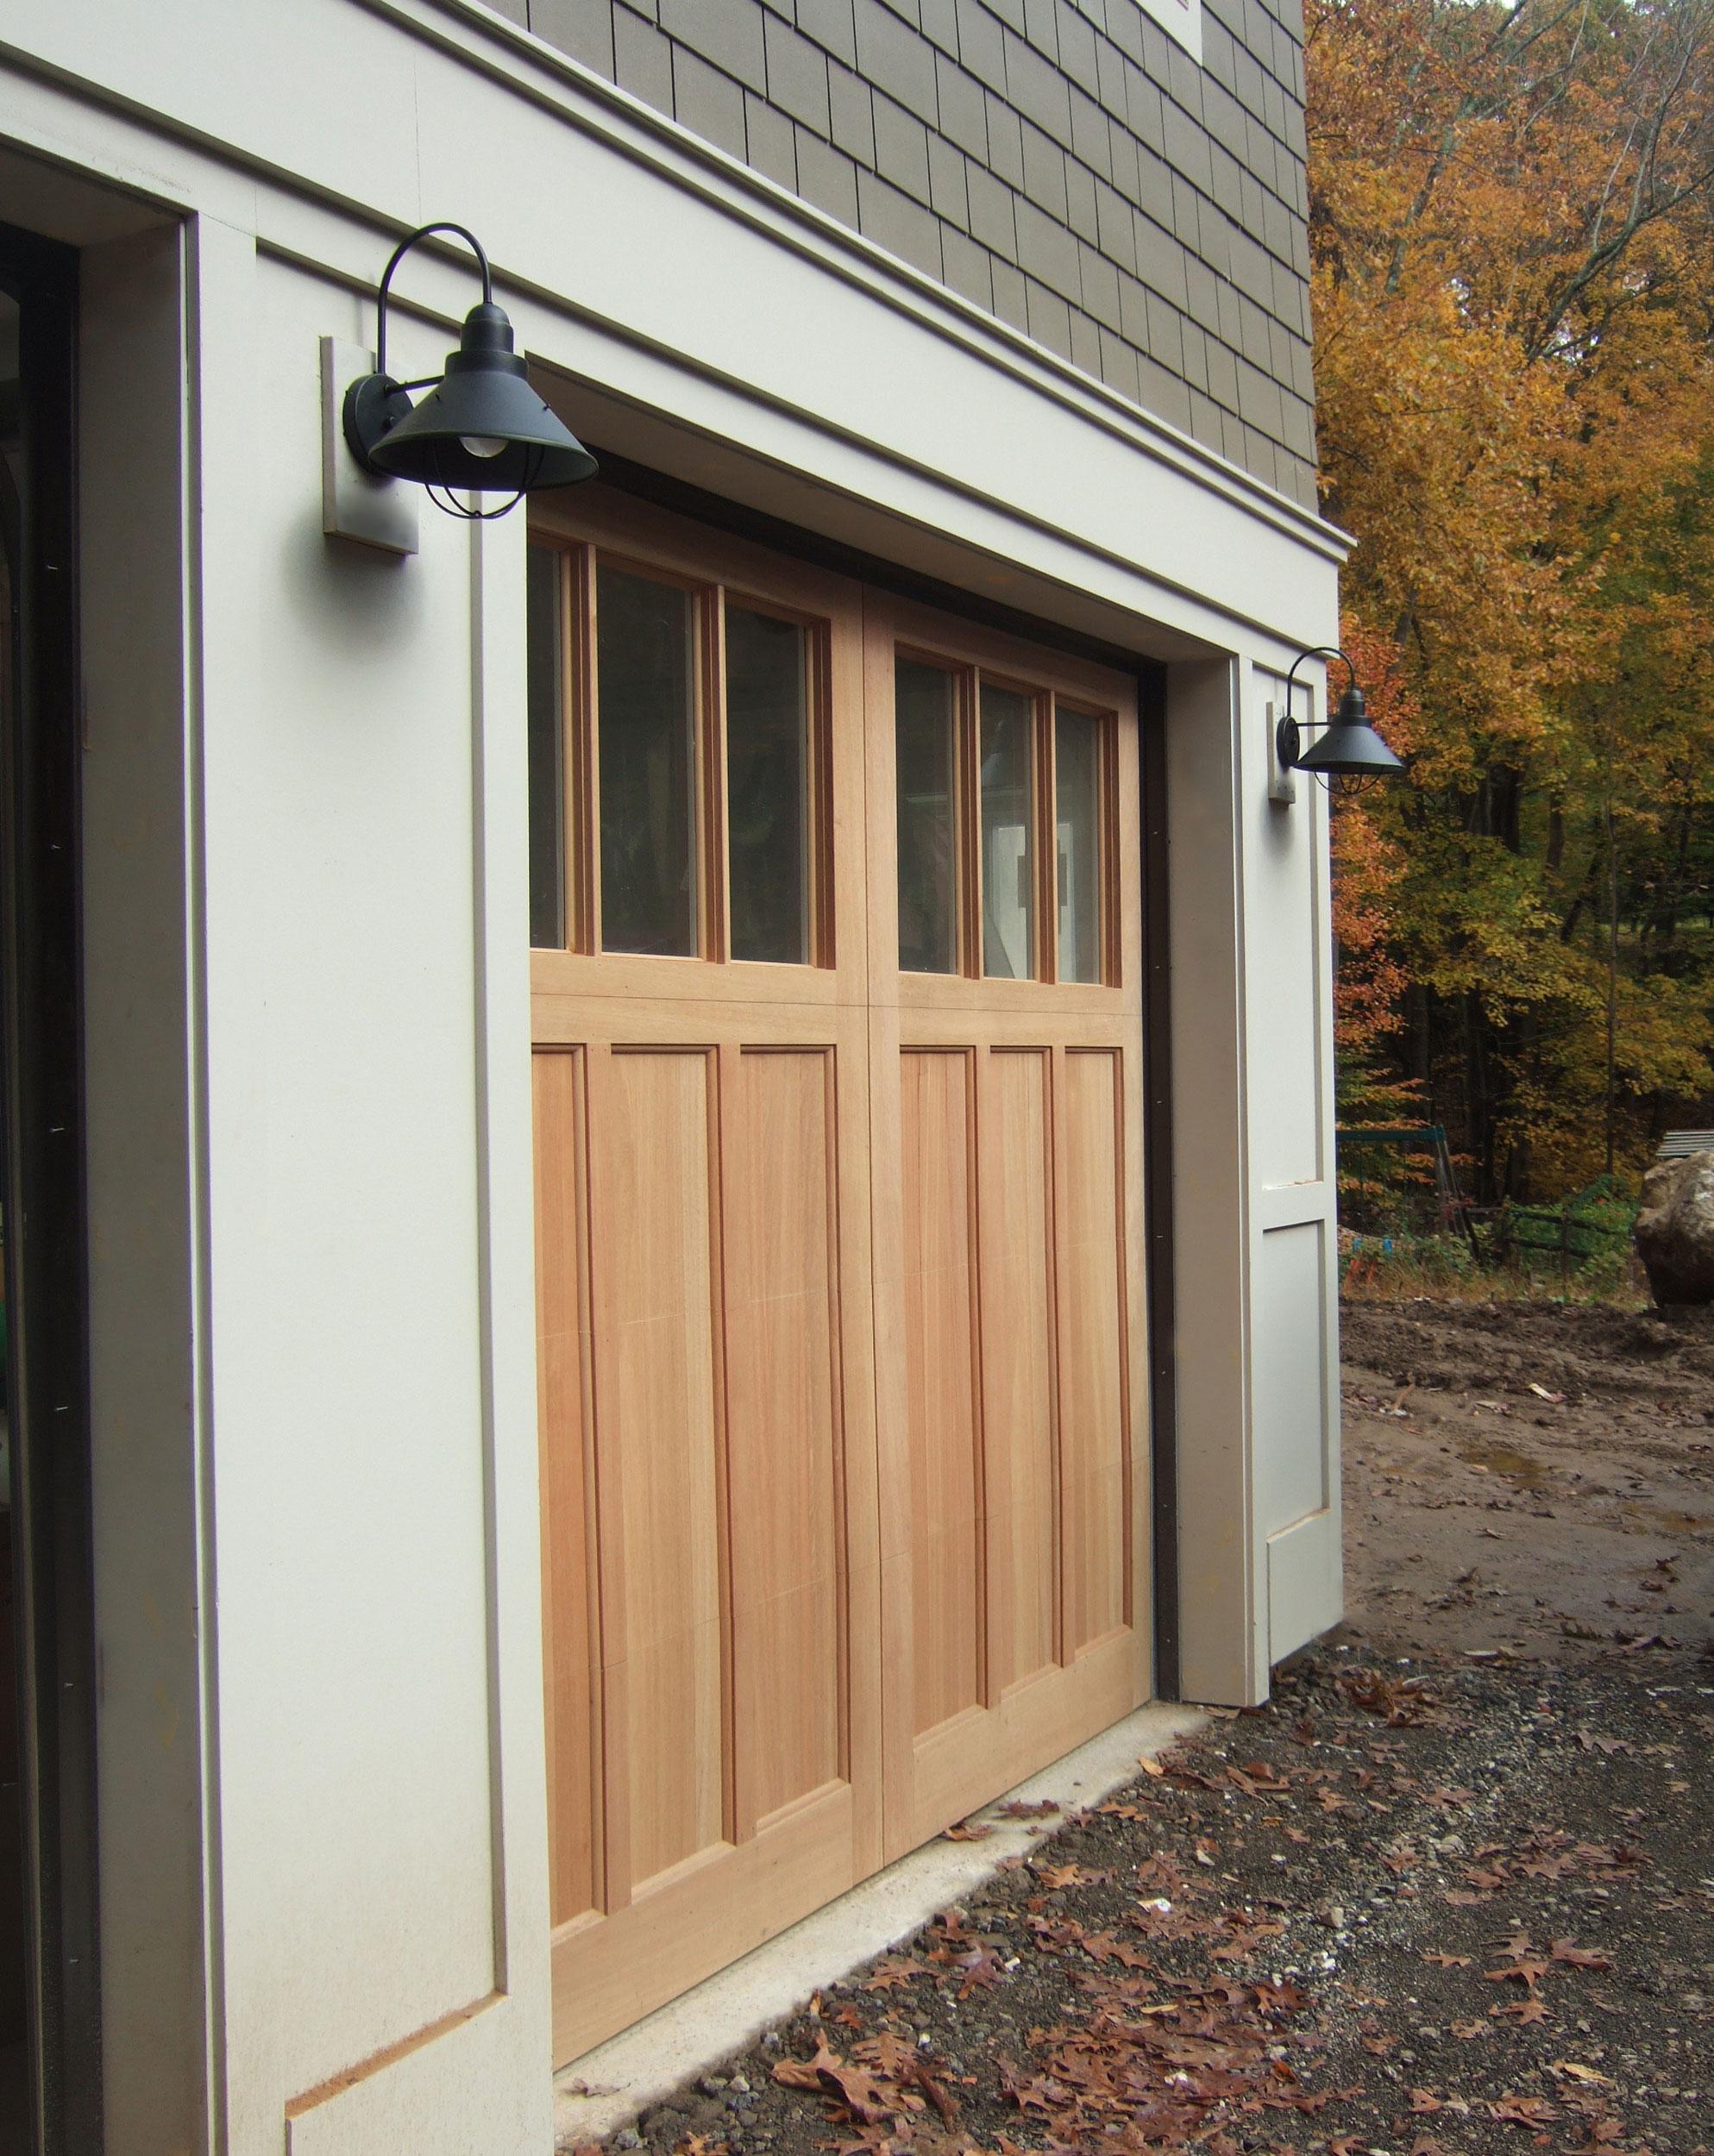 Rowayton-LEED-Gold-garage-door.jpg